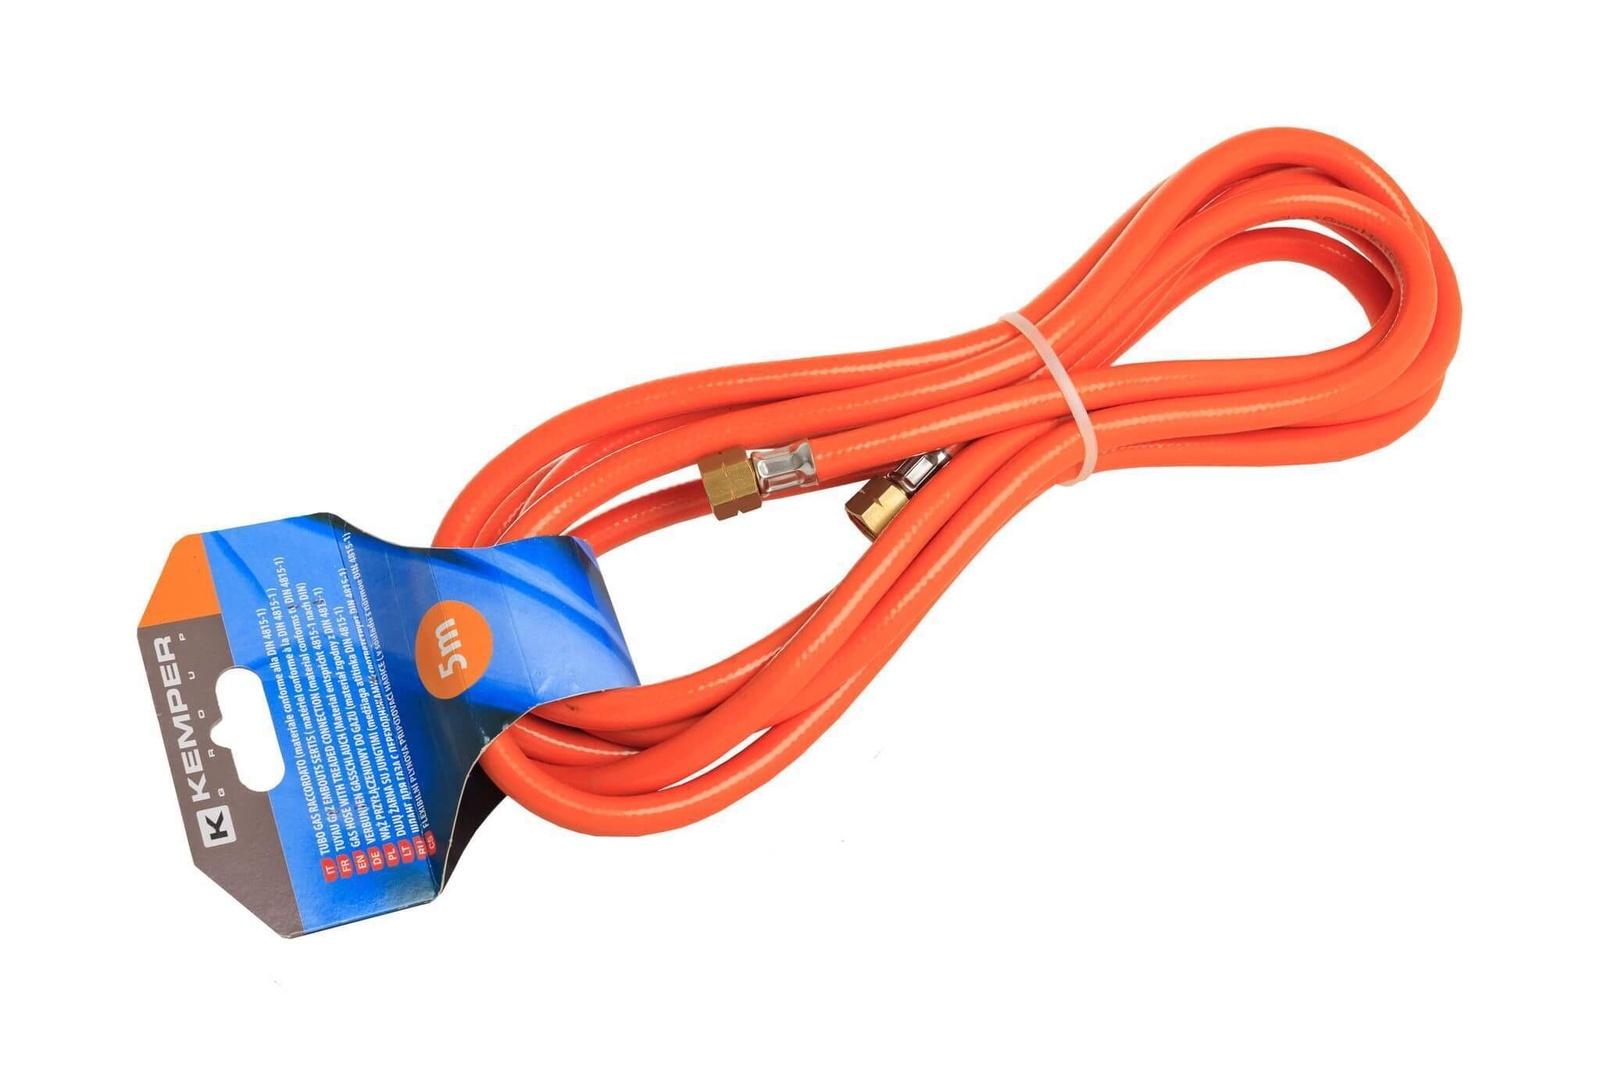 цена на Шланг газовый KEMPER 61805F, левая резьба 3/8, горелка на 3/4 баллон, 5 м